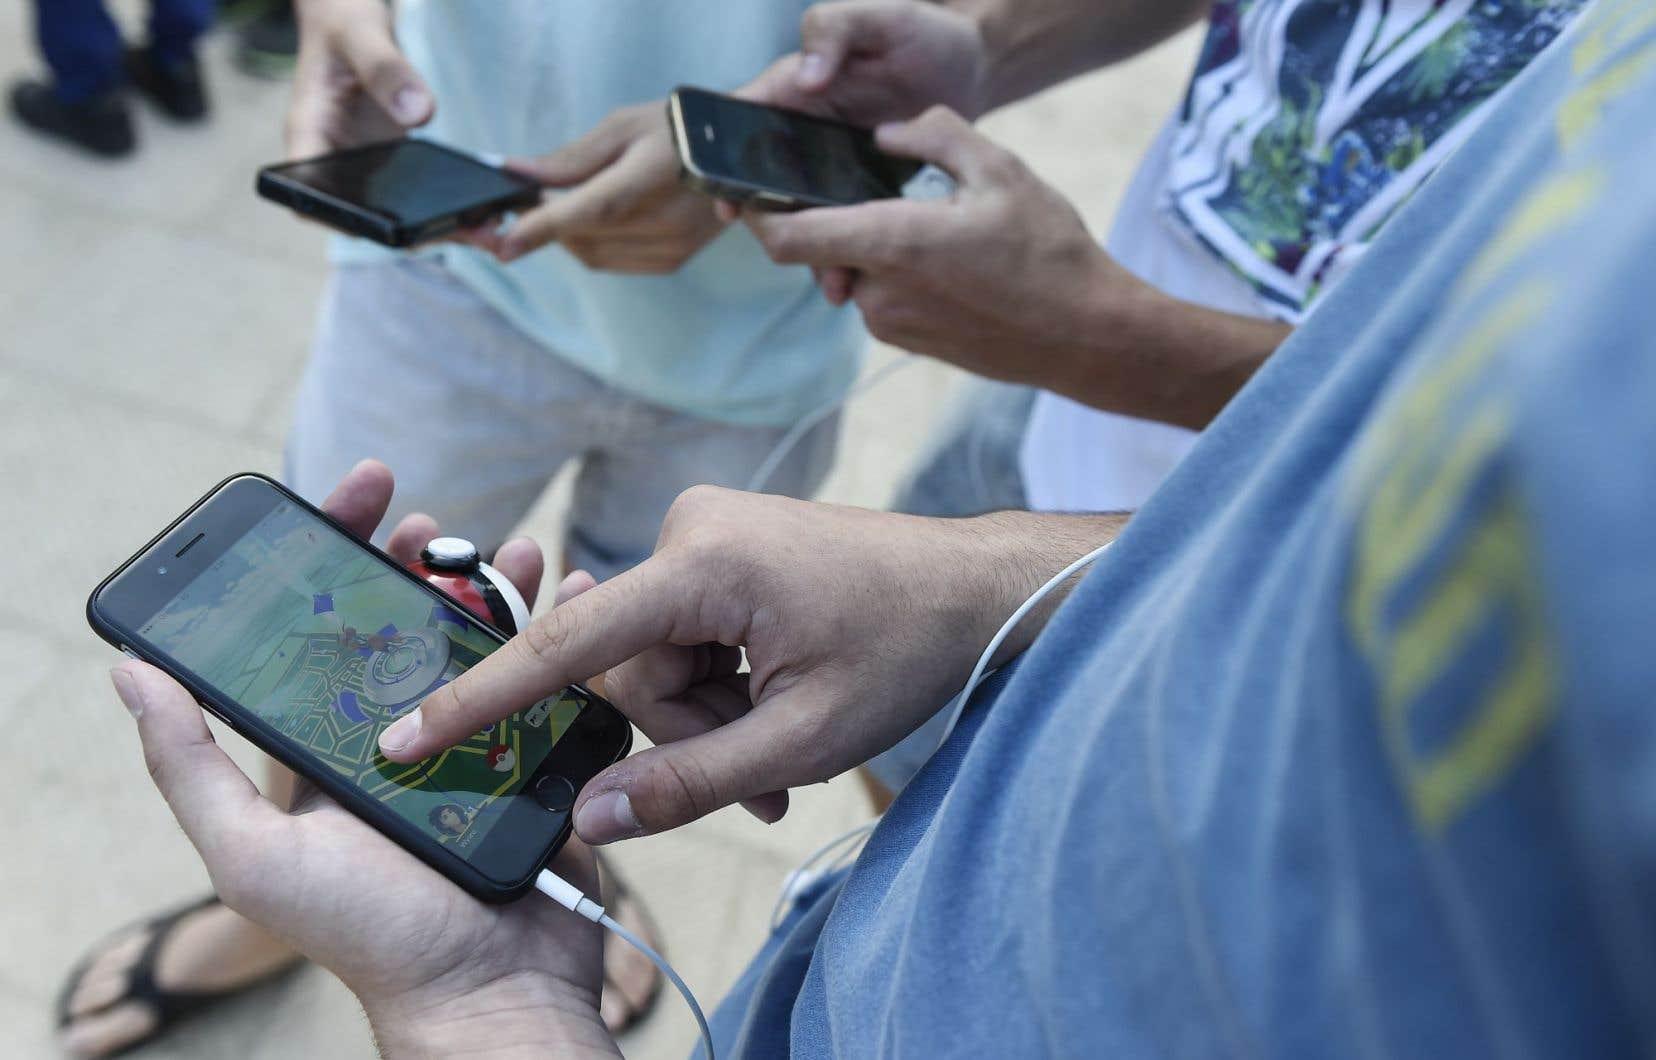 Dans un parc à Barcelone, comme dans tant d'autres villes dans le monde, l'engouement pour l'application Pokémon Go est manifeste, ce qui profite grandement à Nintendo.